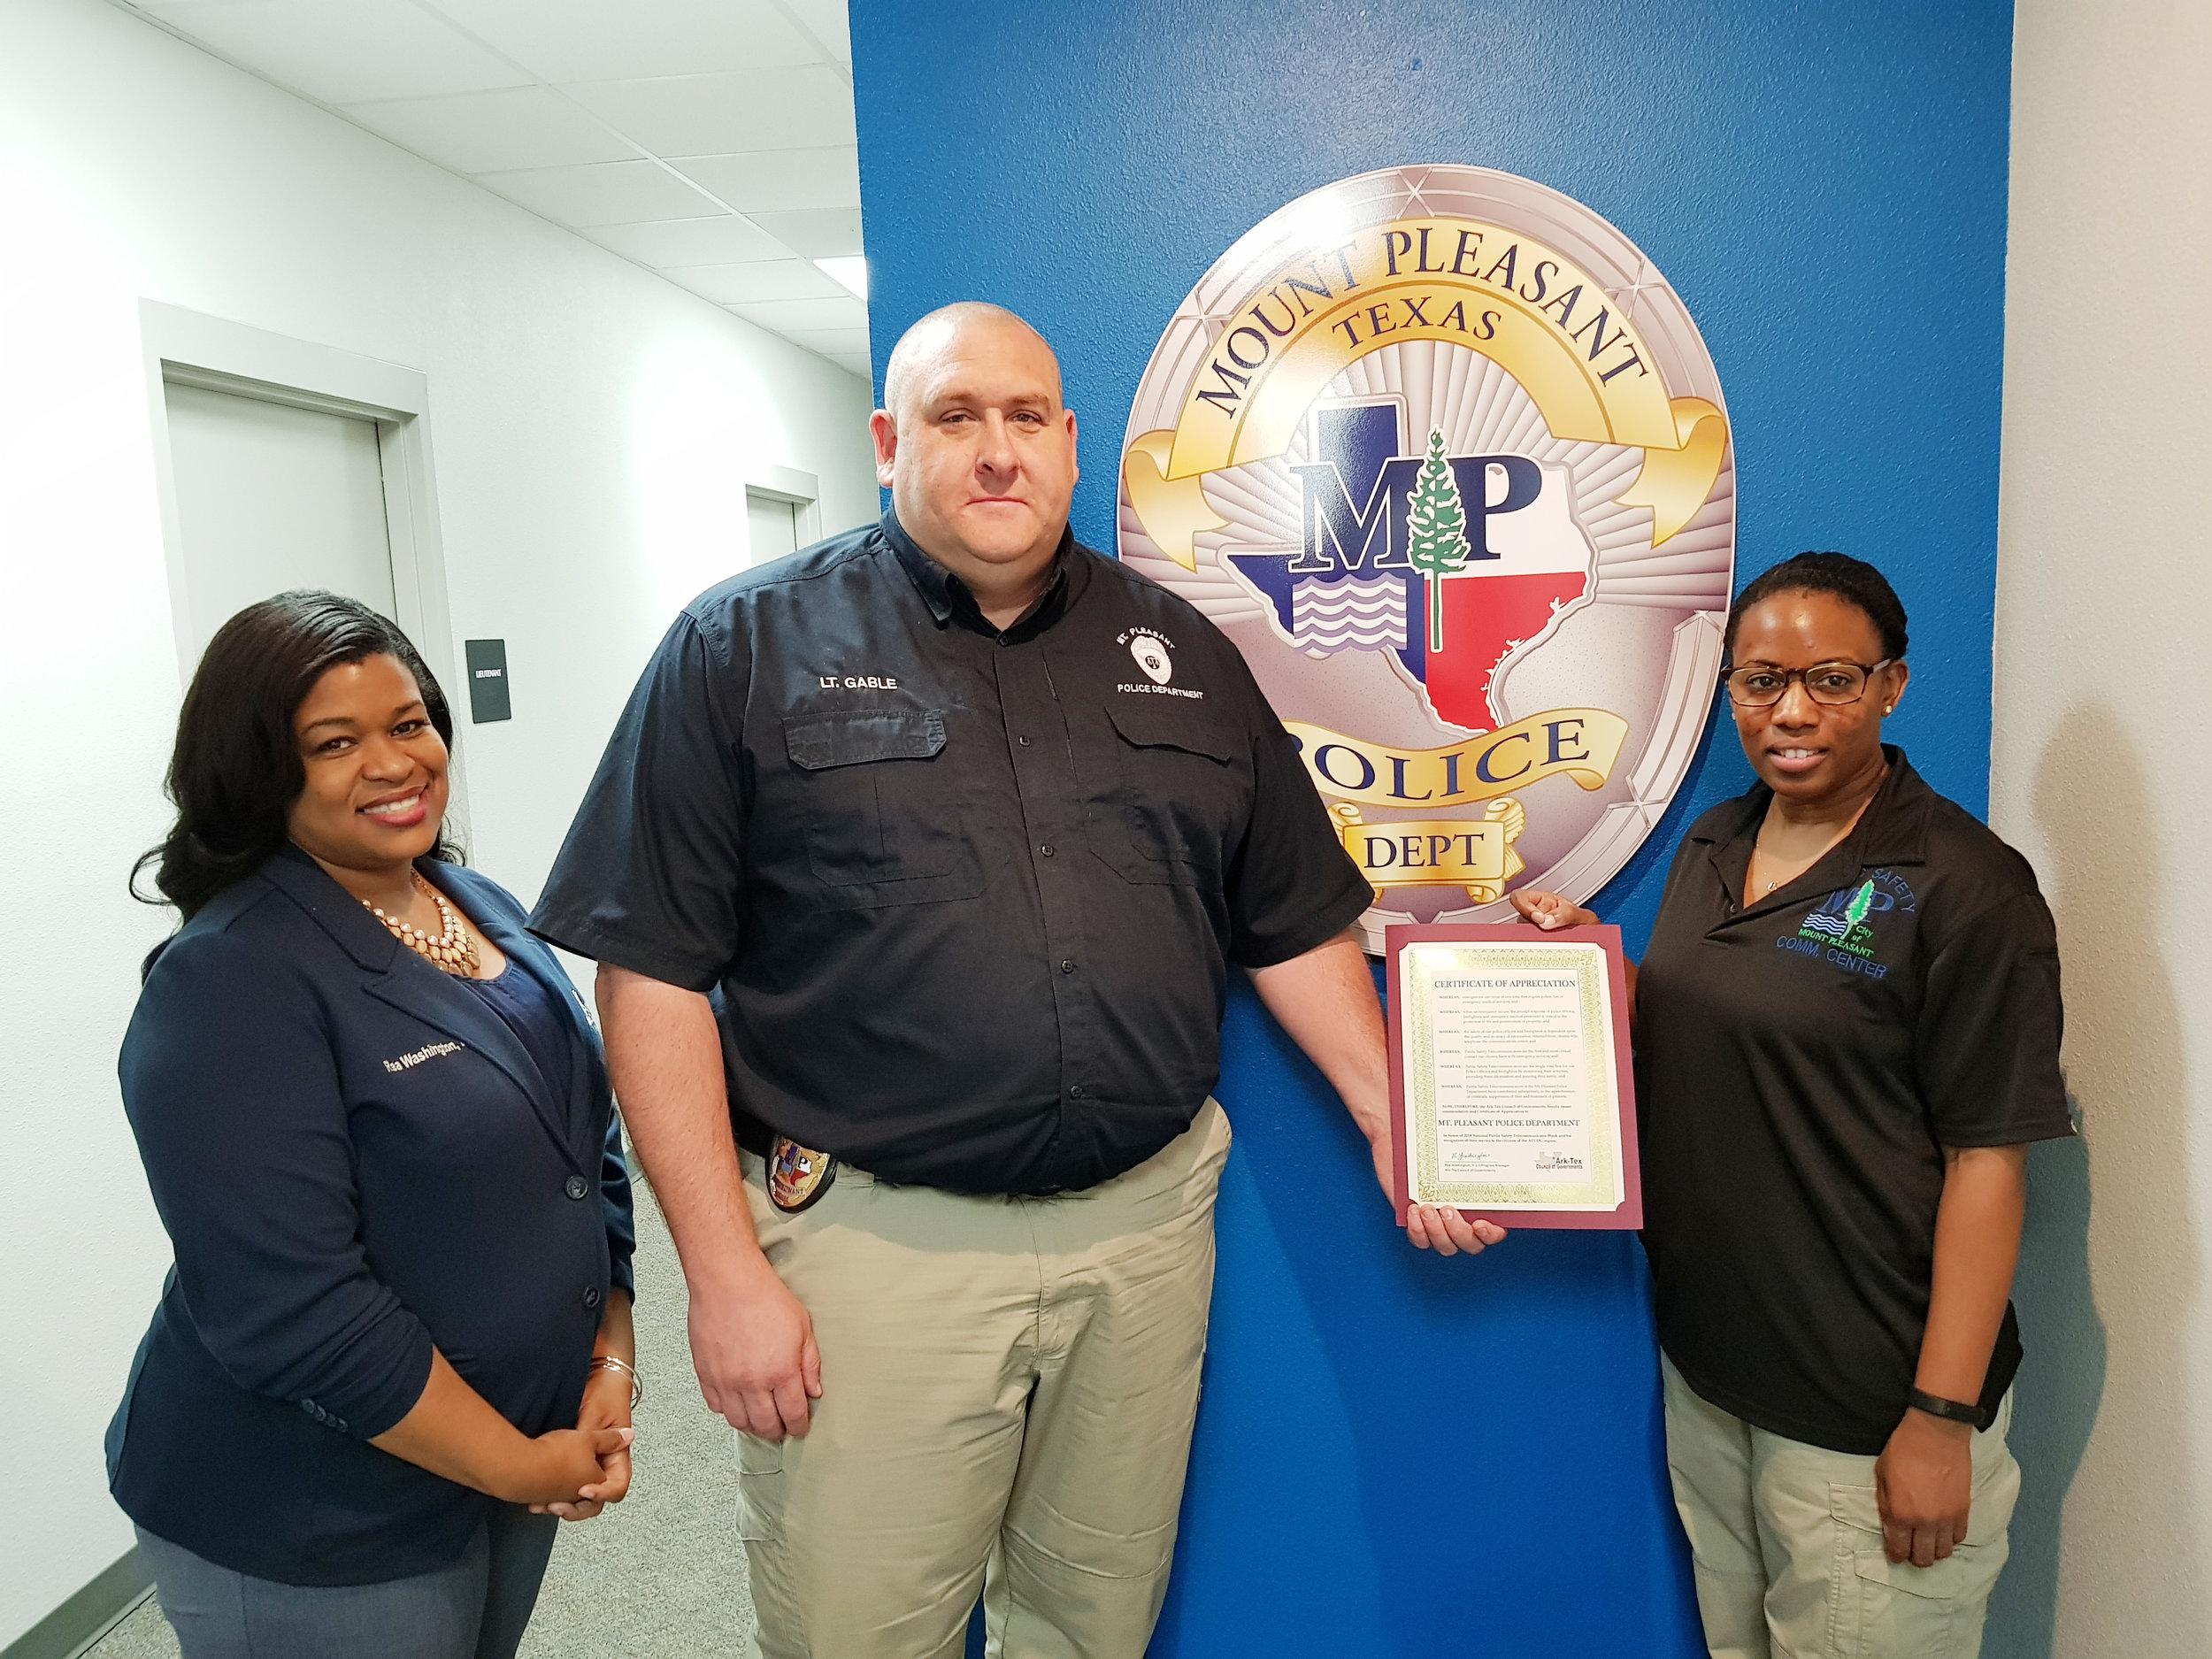 Amber James, Lt. Corey Gable and Rea Washington